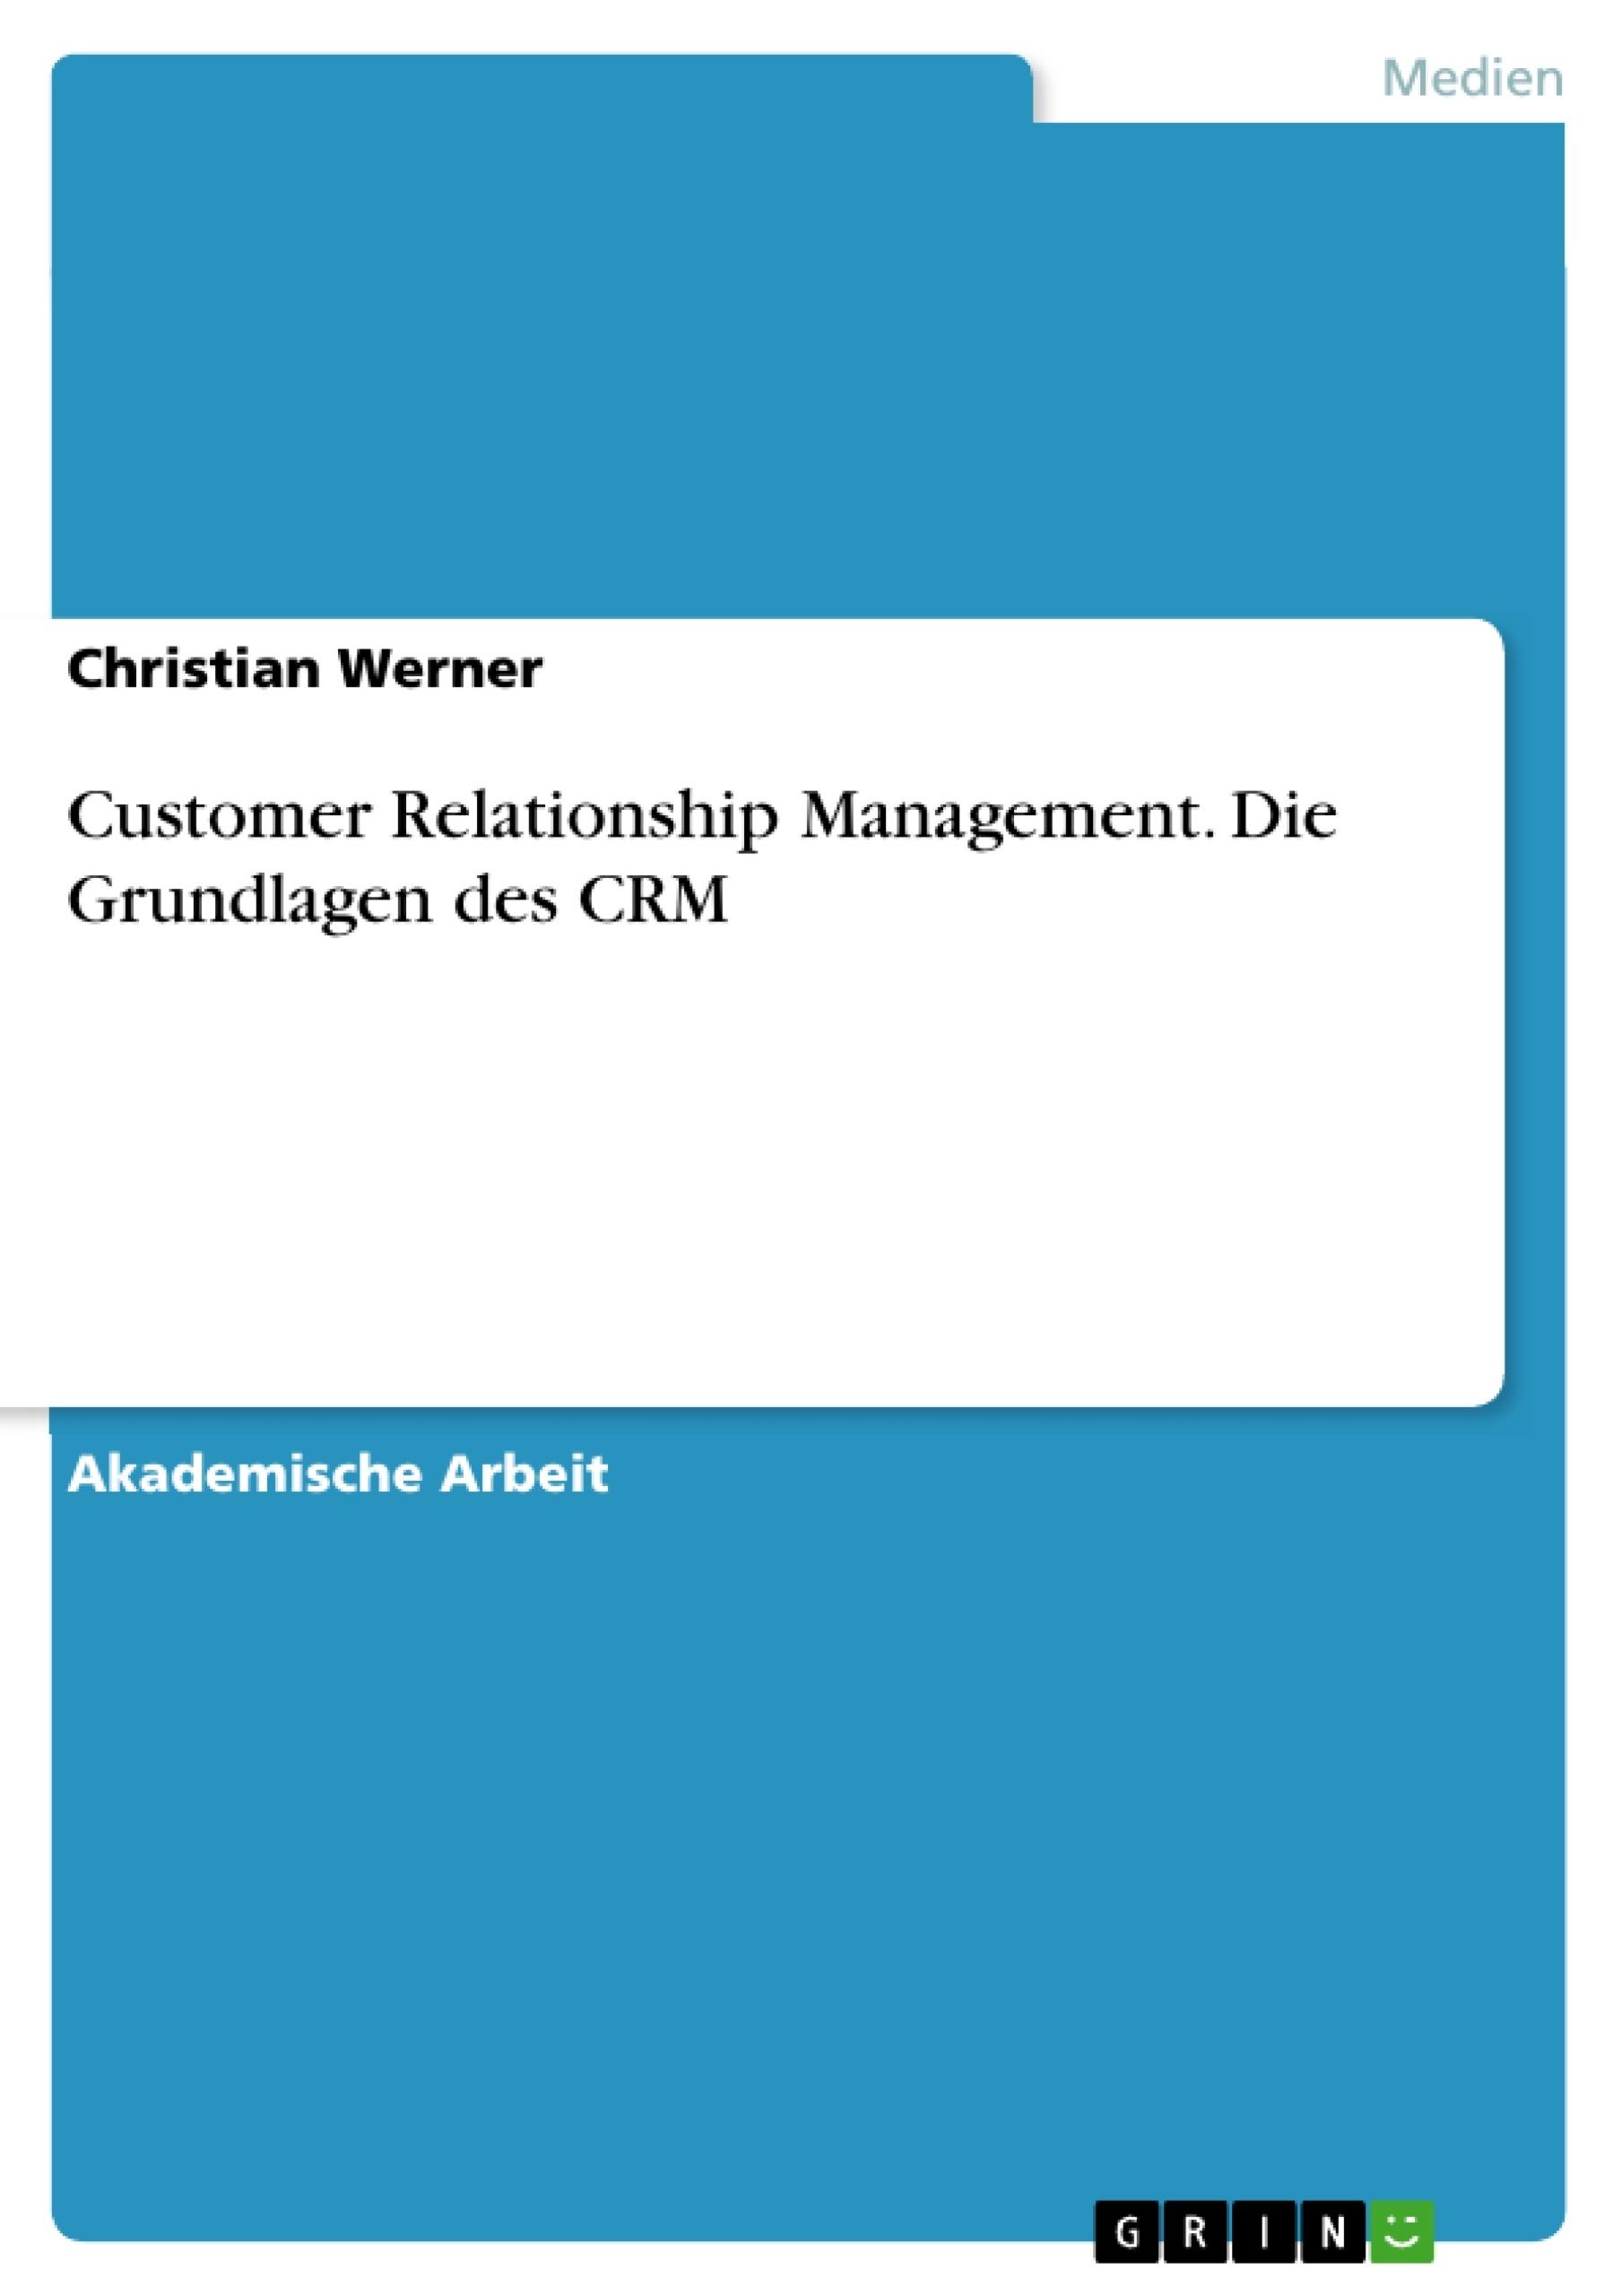 Titel: Customer Relationship Management. Die Grundlagen des CRM